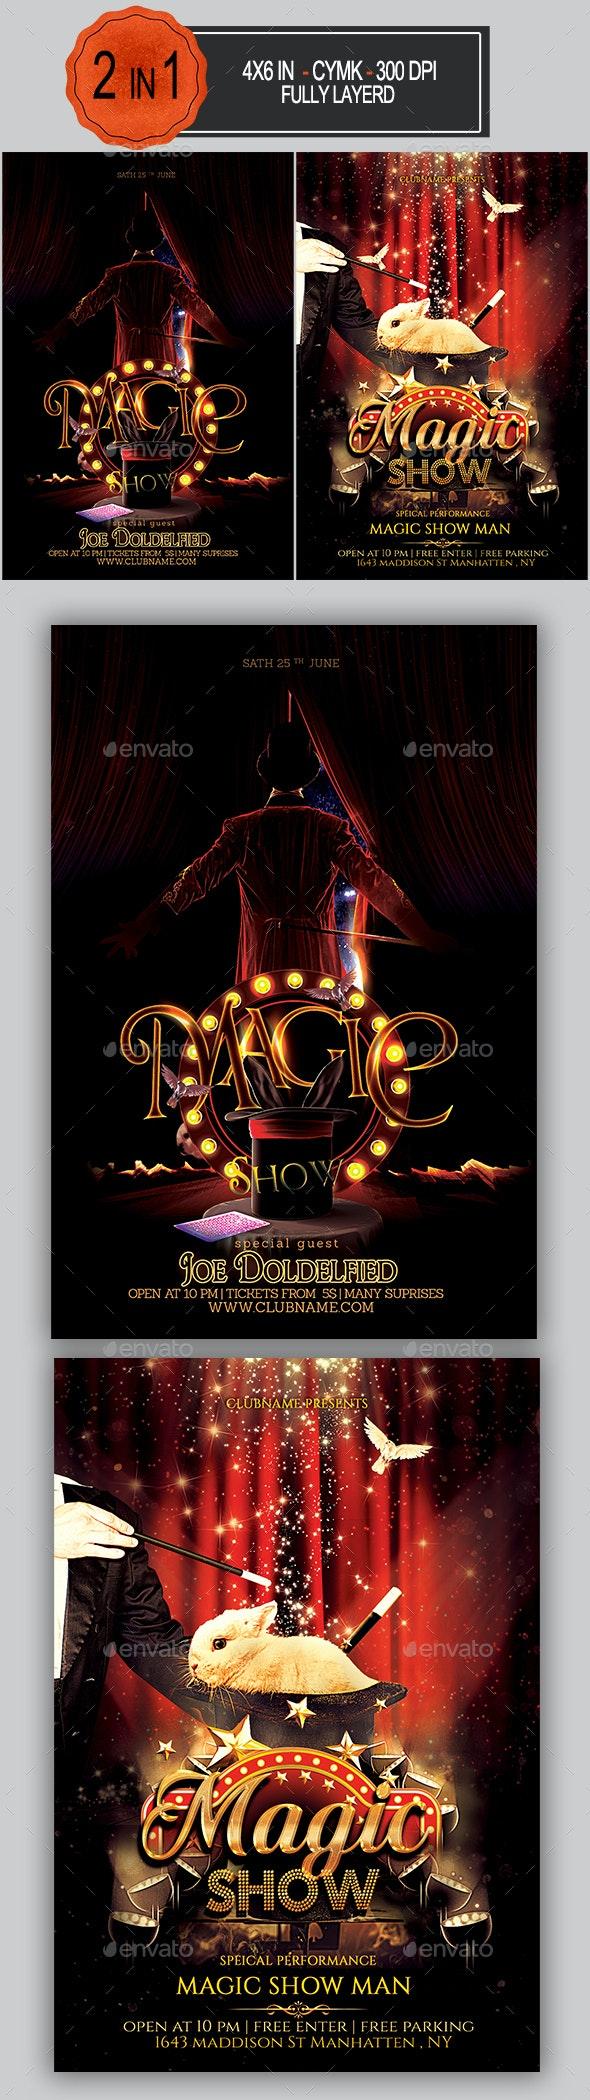 Magic Show Flyer Bundle - Concerts Events